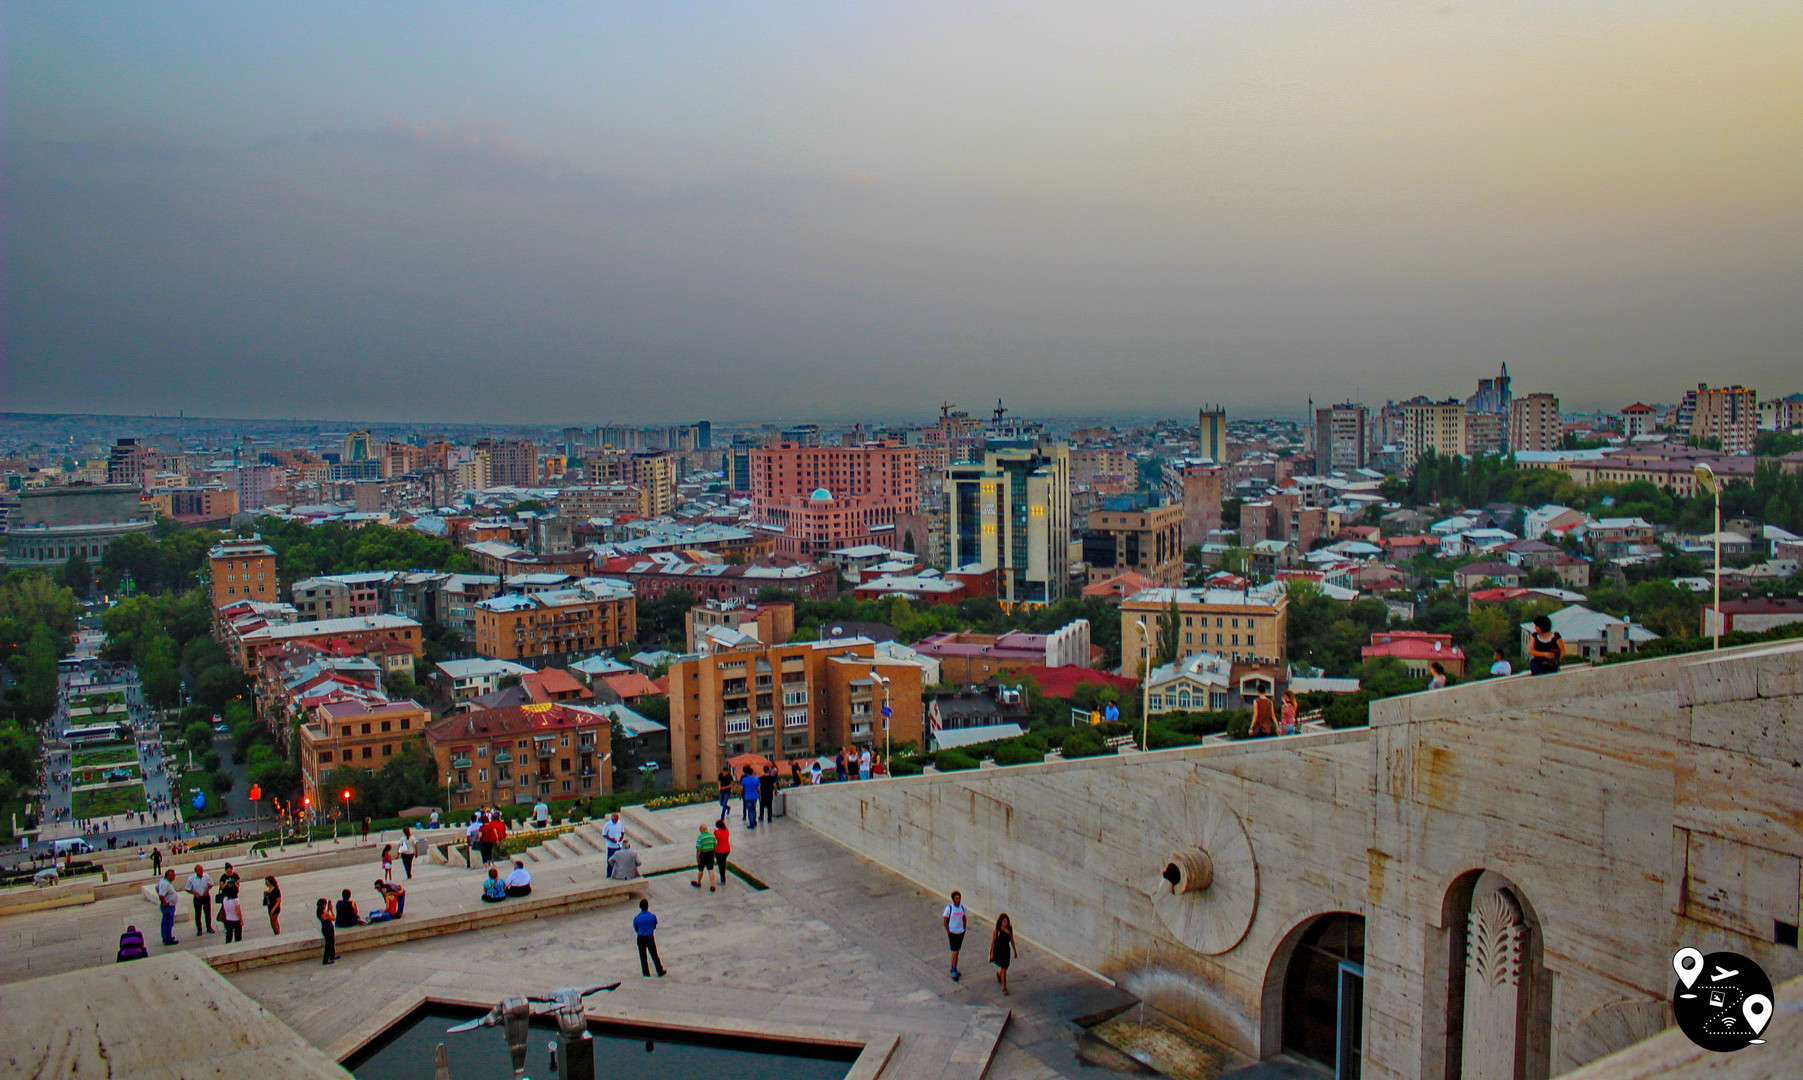 Панорама Еревана с каскада